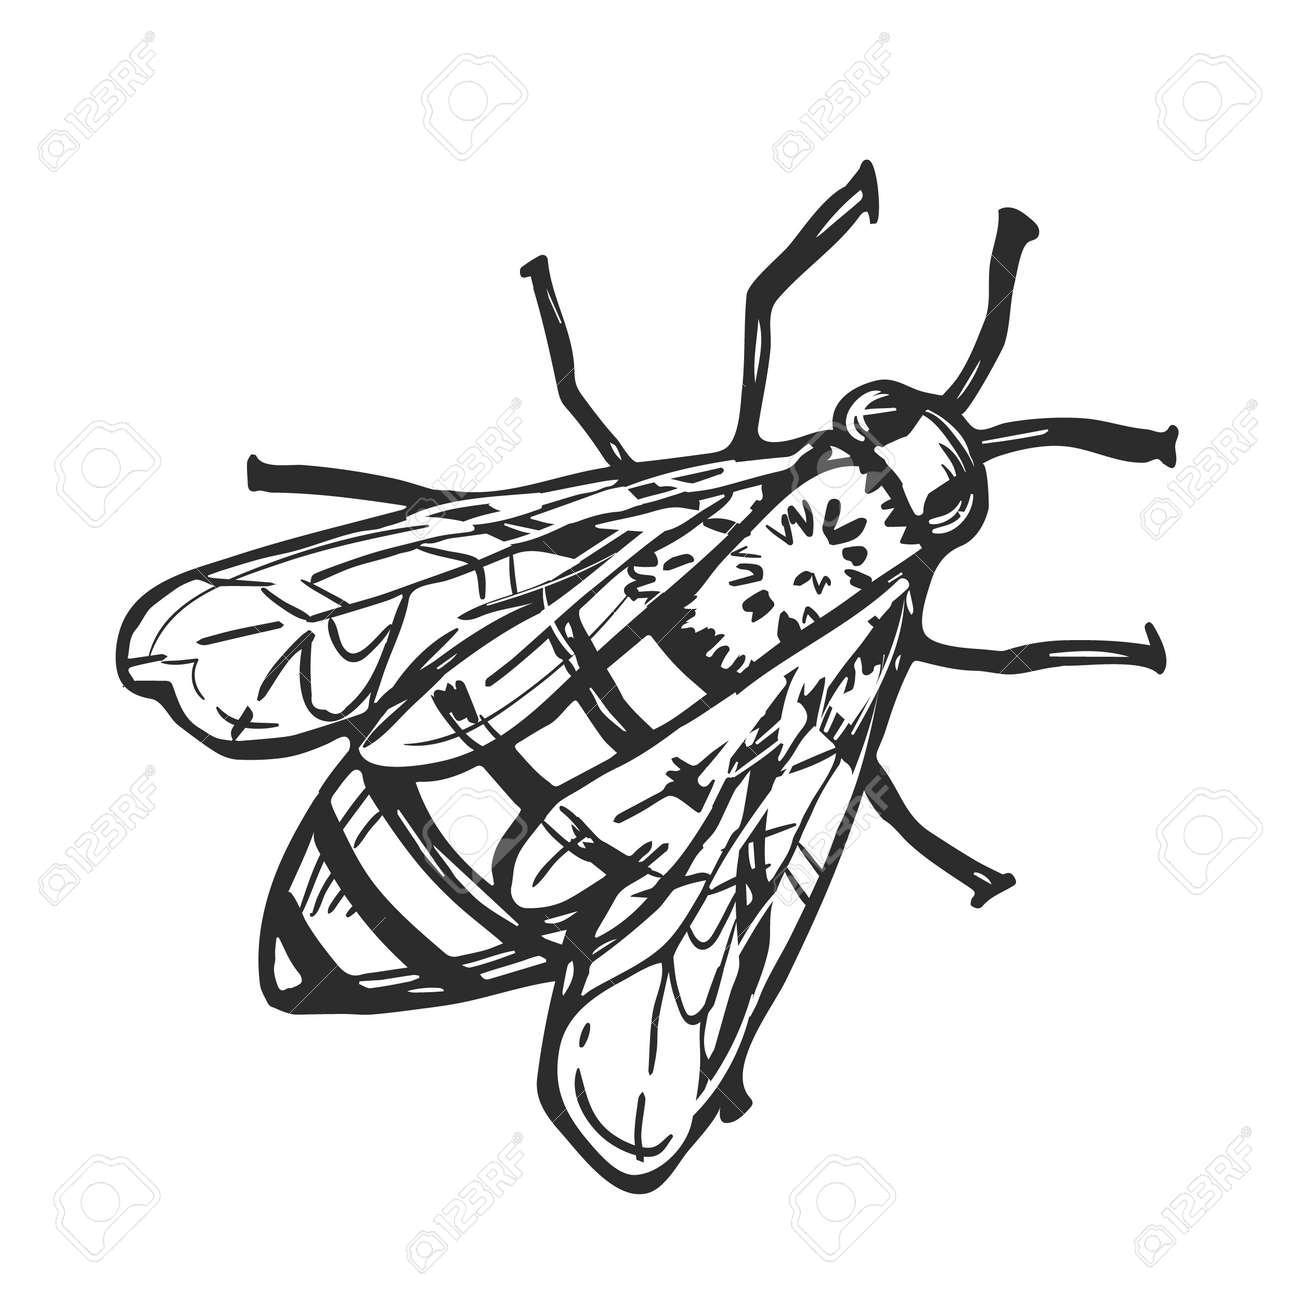 Miel Abeille Dessin Au Crayon à Main Levée Isolé Sur Fond Blanc Vector Illustration Bumble Bee Monochrome Croquis élément De Design Insecte Volant